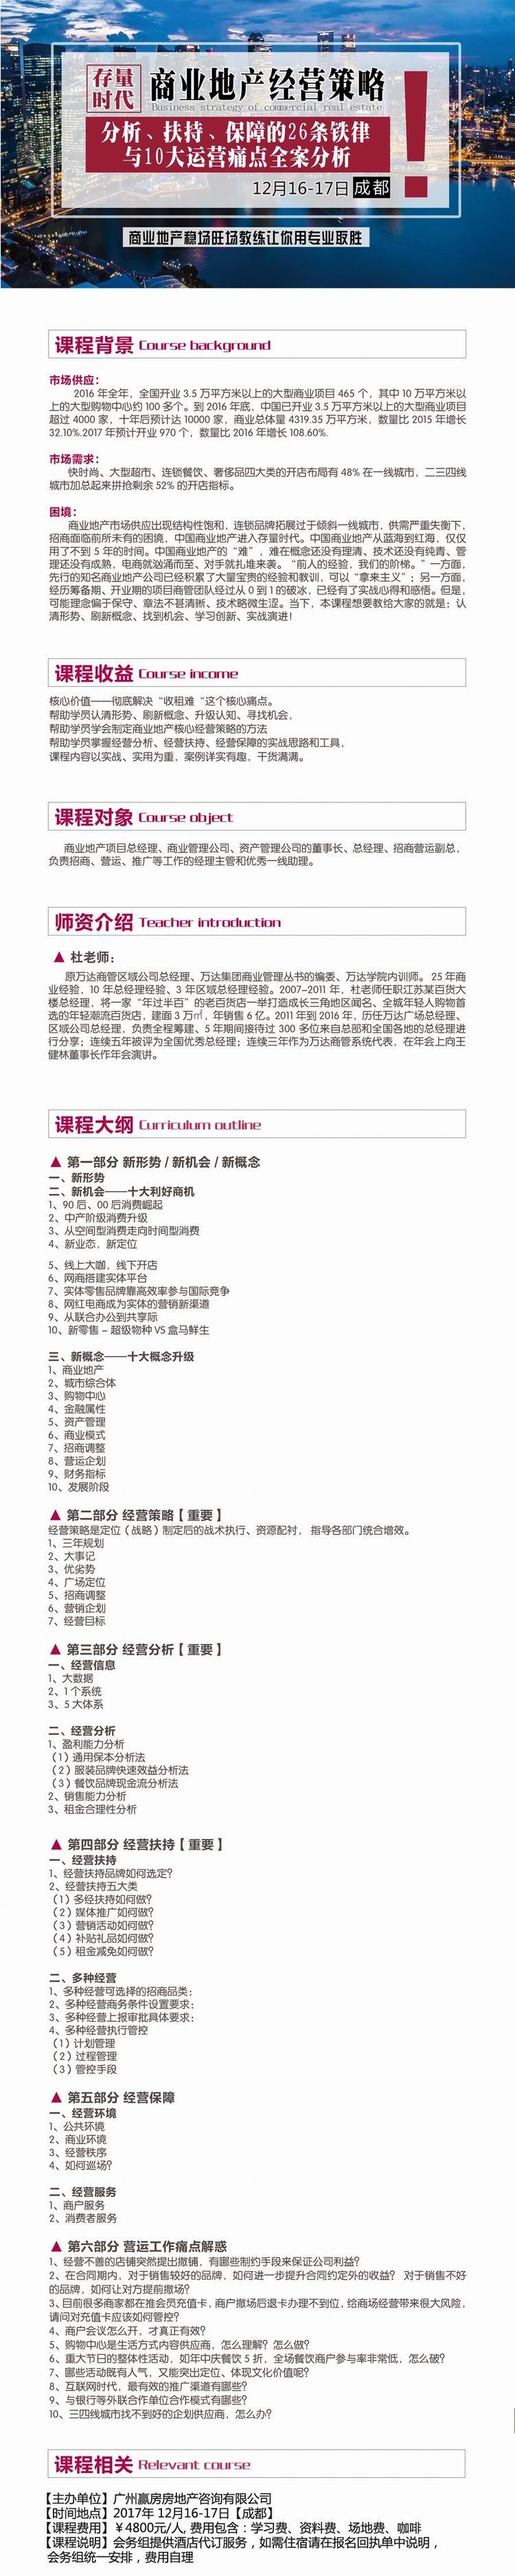 12月16-17日【成都】 《存量时代商业地产经营策略、分析、扶持、保障的26条铁律与10大运营痛点全案分析》